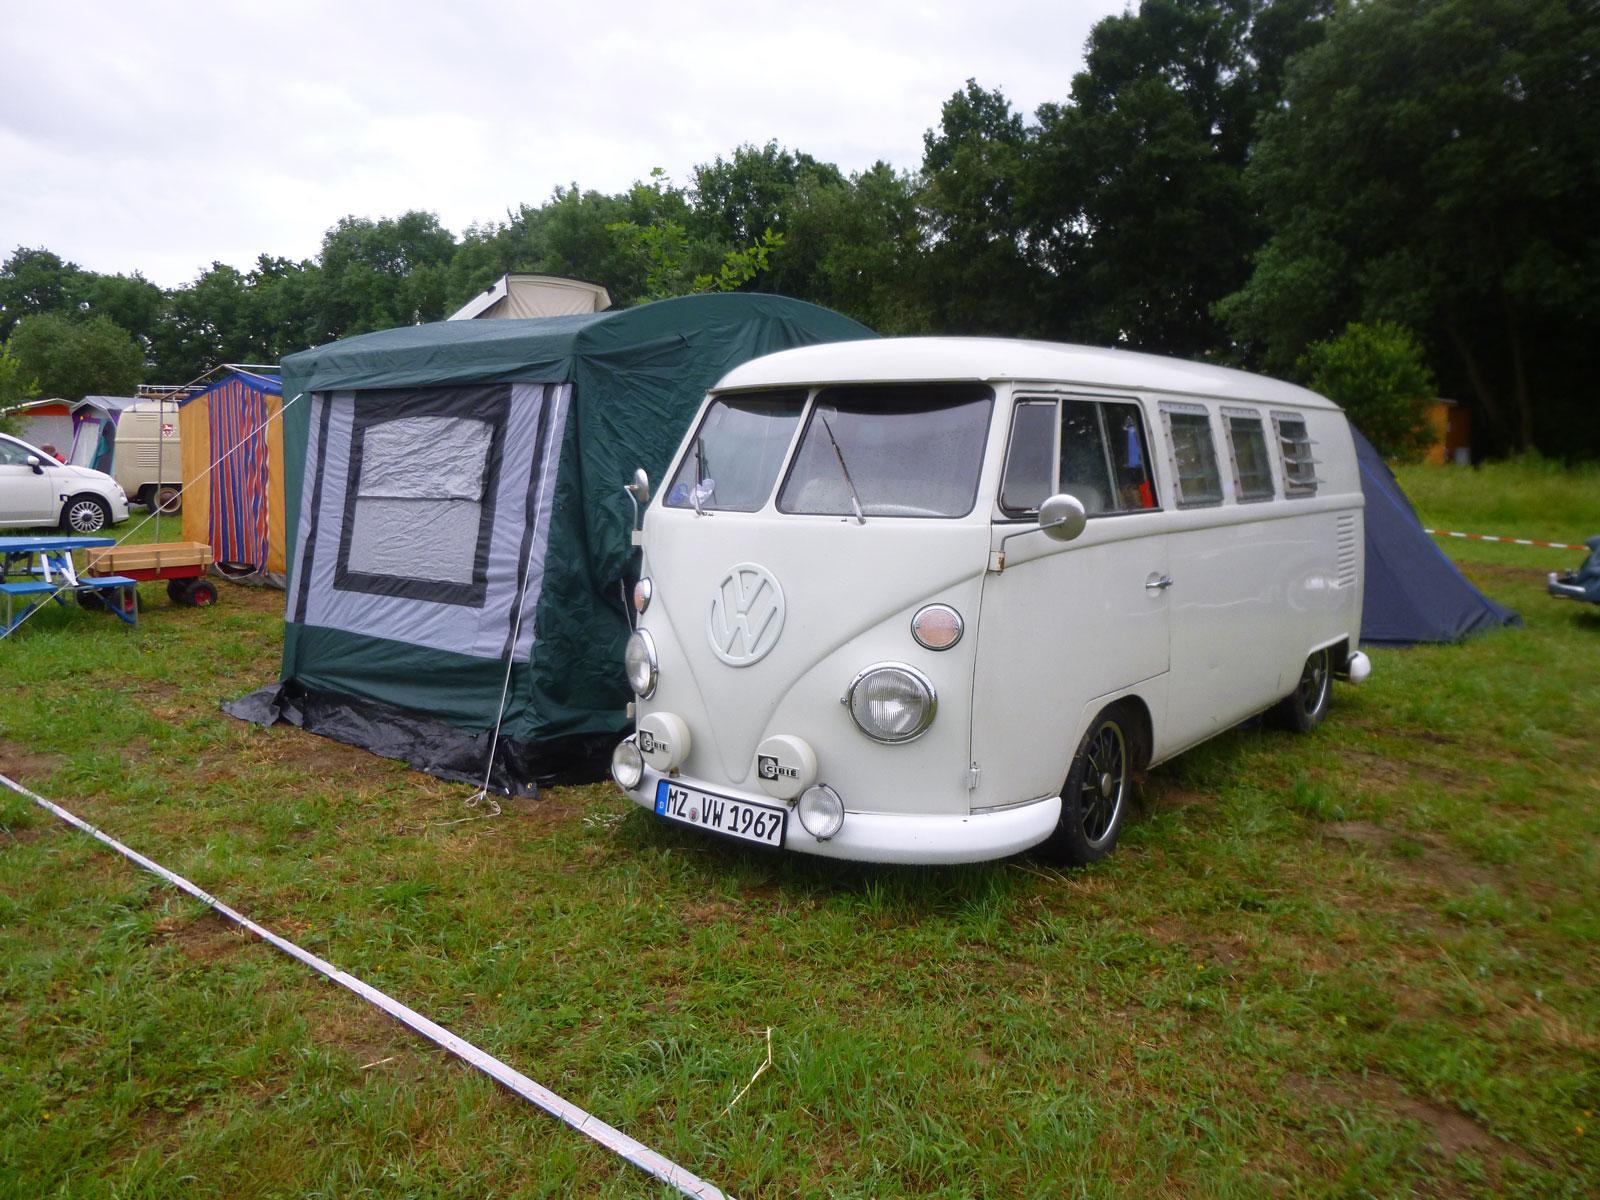 Camping at HO and EBI 2013